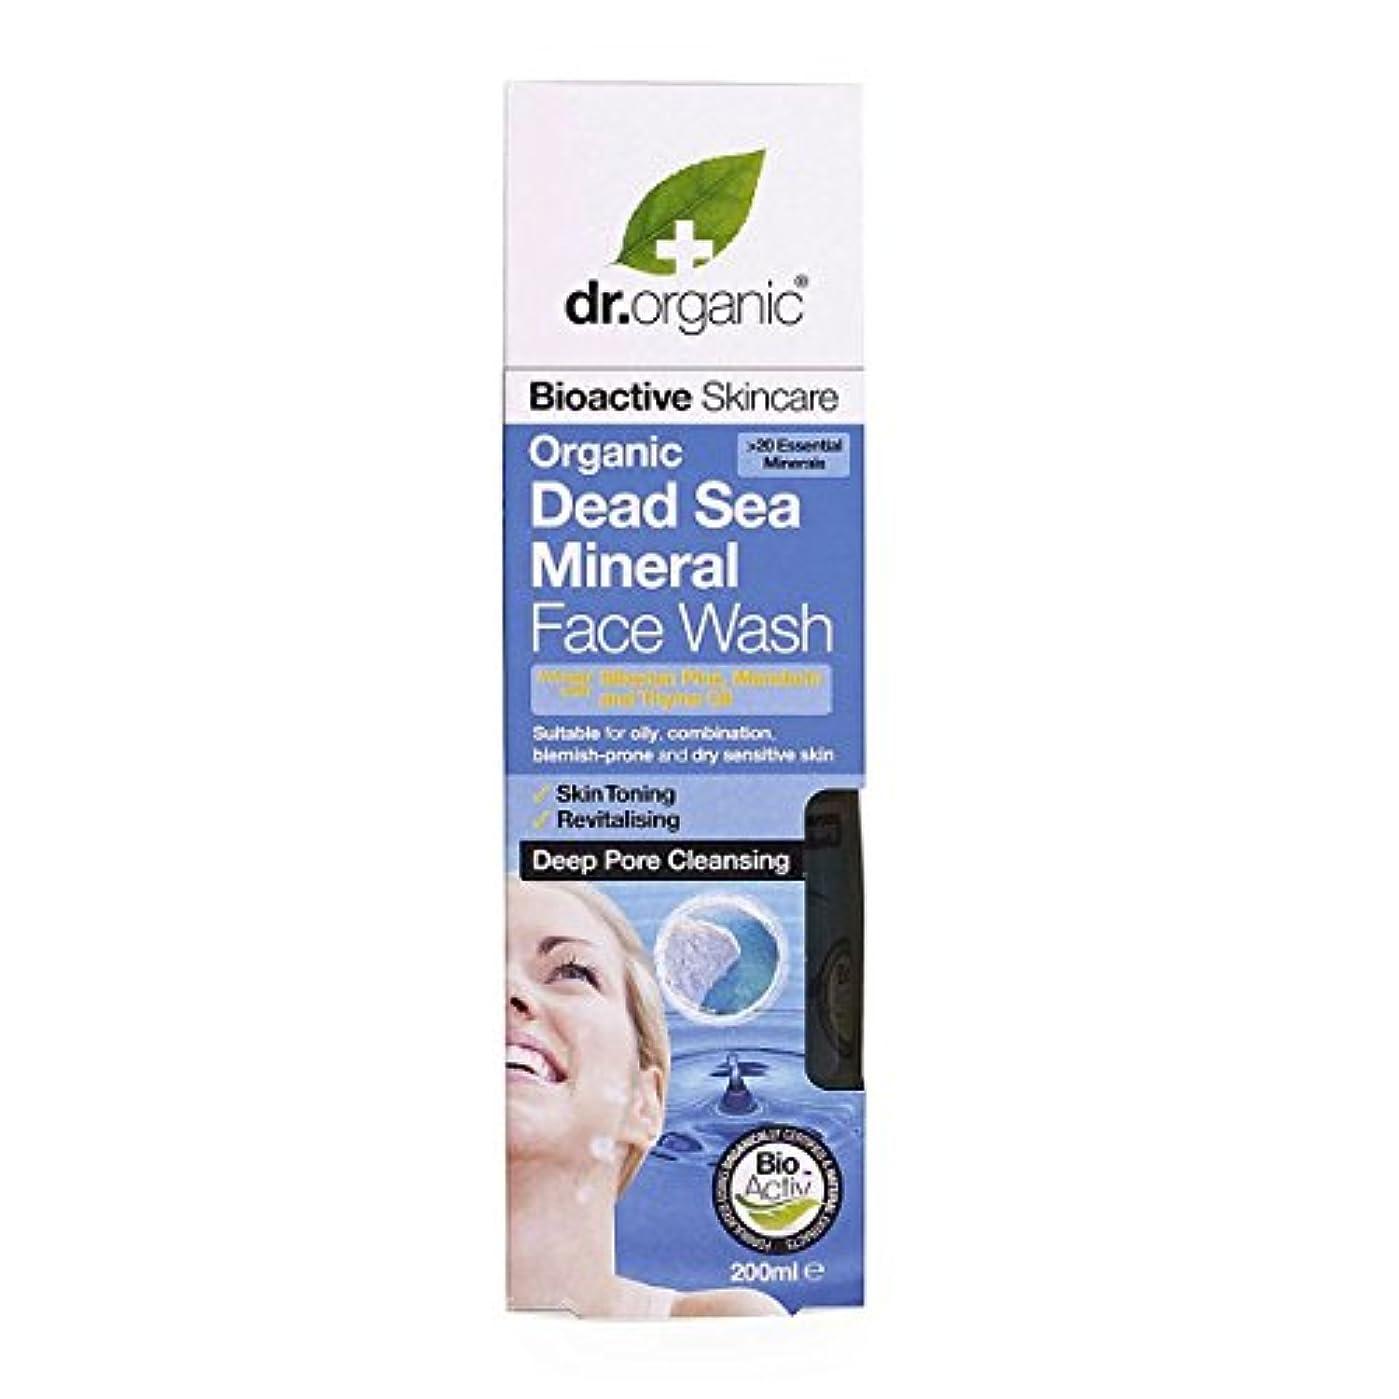 想像力豊かな瞑想的細菌Dr.organic Dead Sea Mineral Face Wash 200ml [並行輸入品]